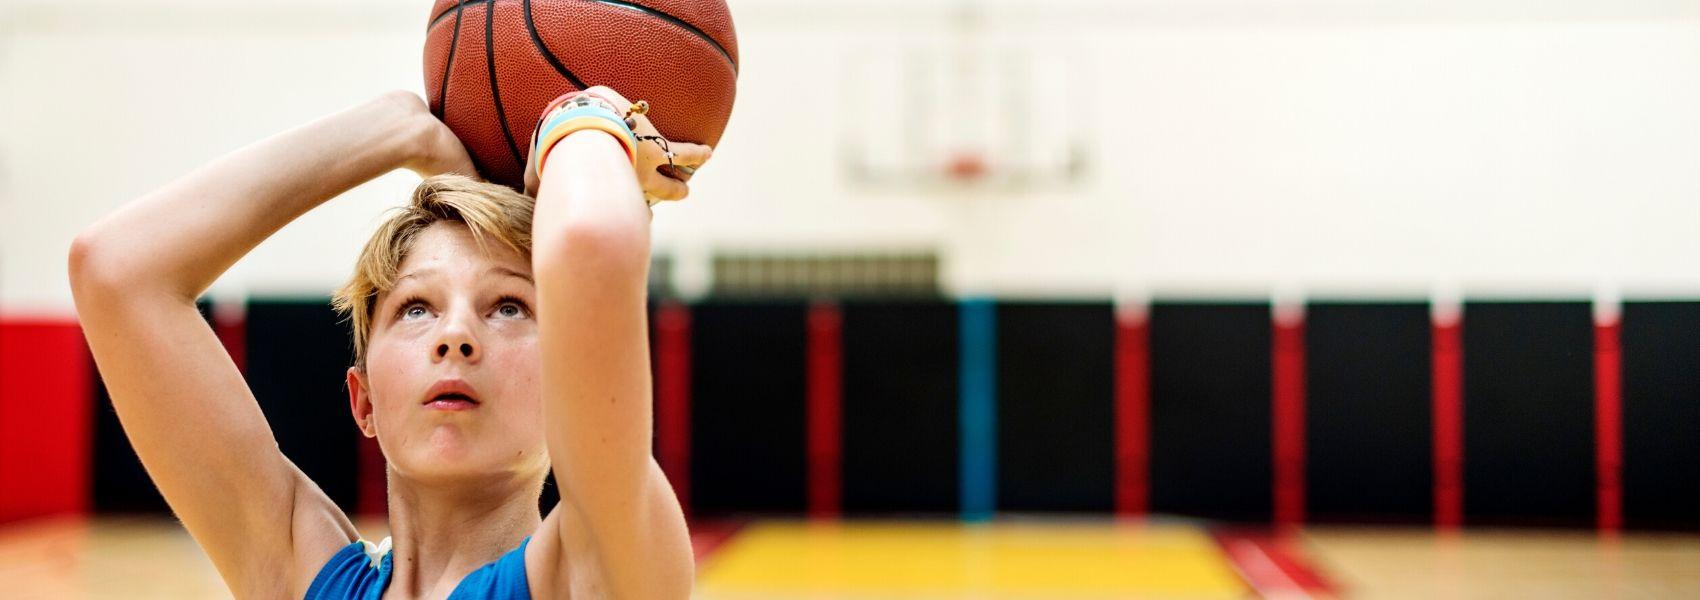 adolescentes não fazem exercício